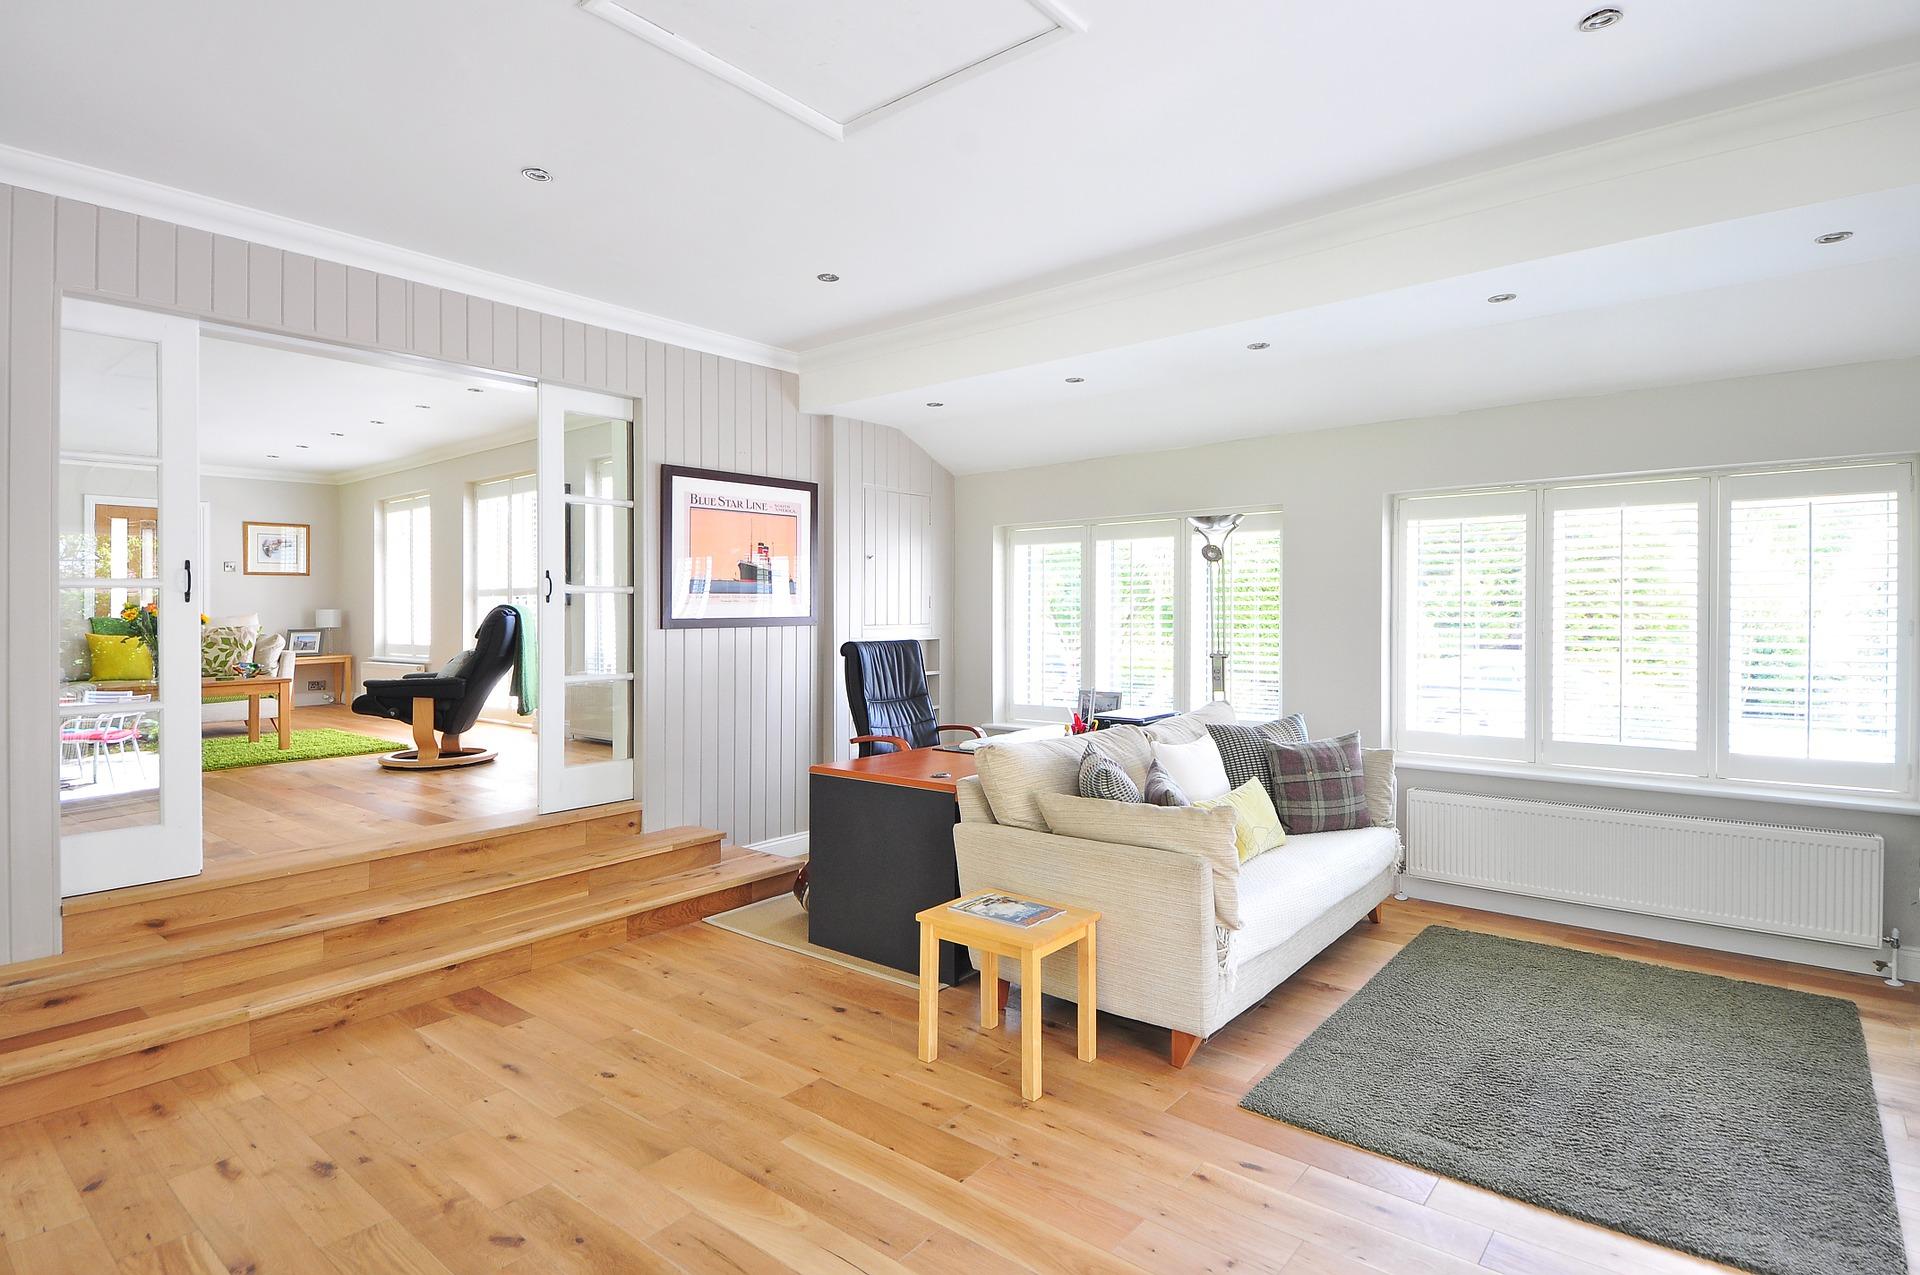 Hur ofta ska man byta golv? Med rätt omvårdnad kan det hålla länge.